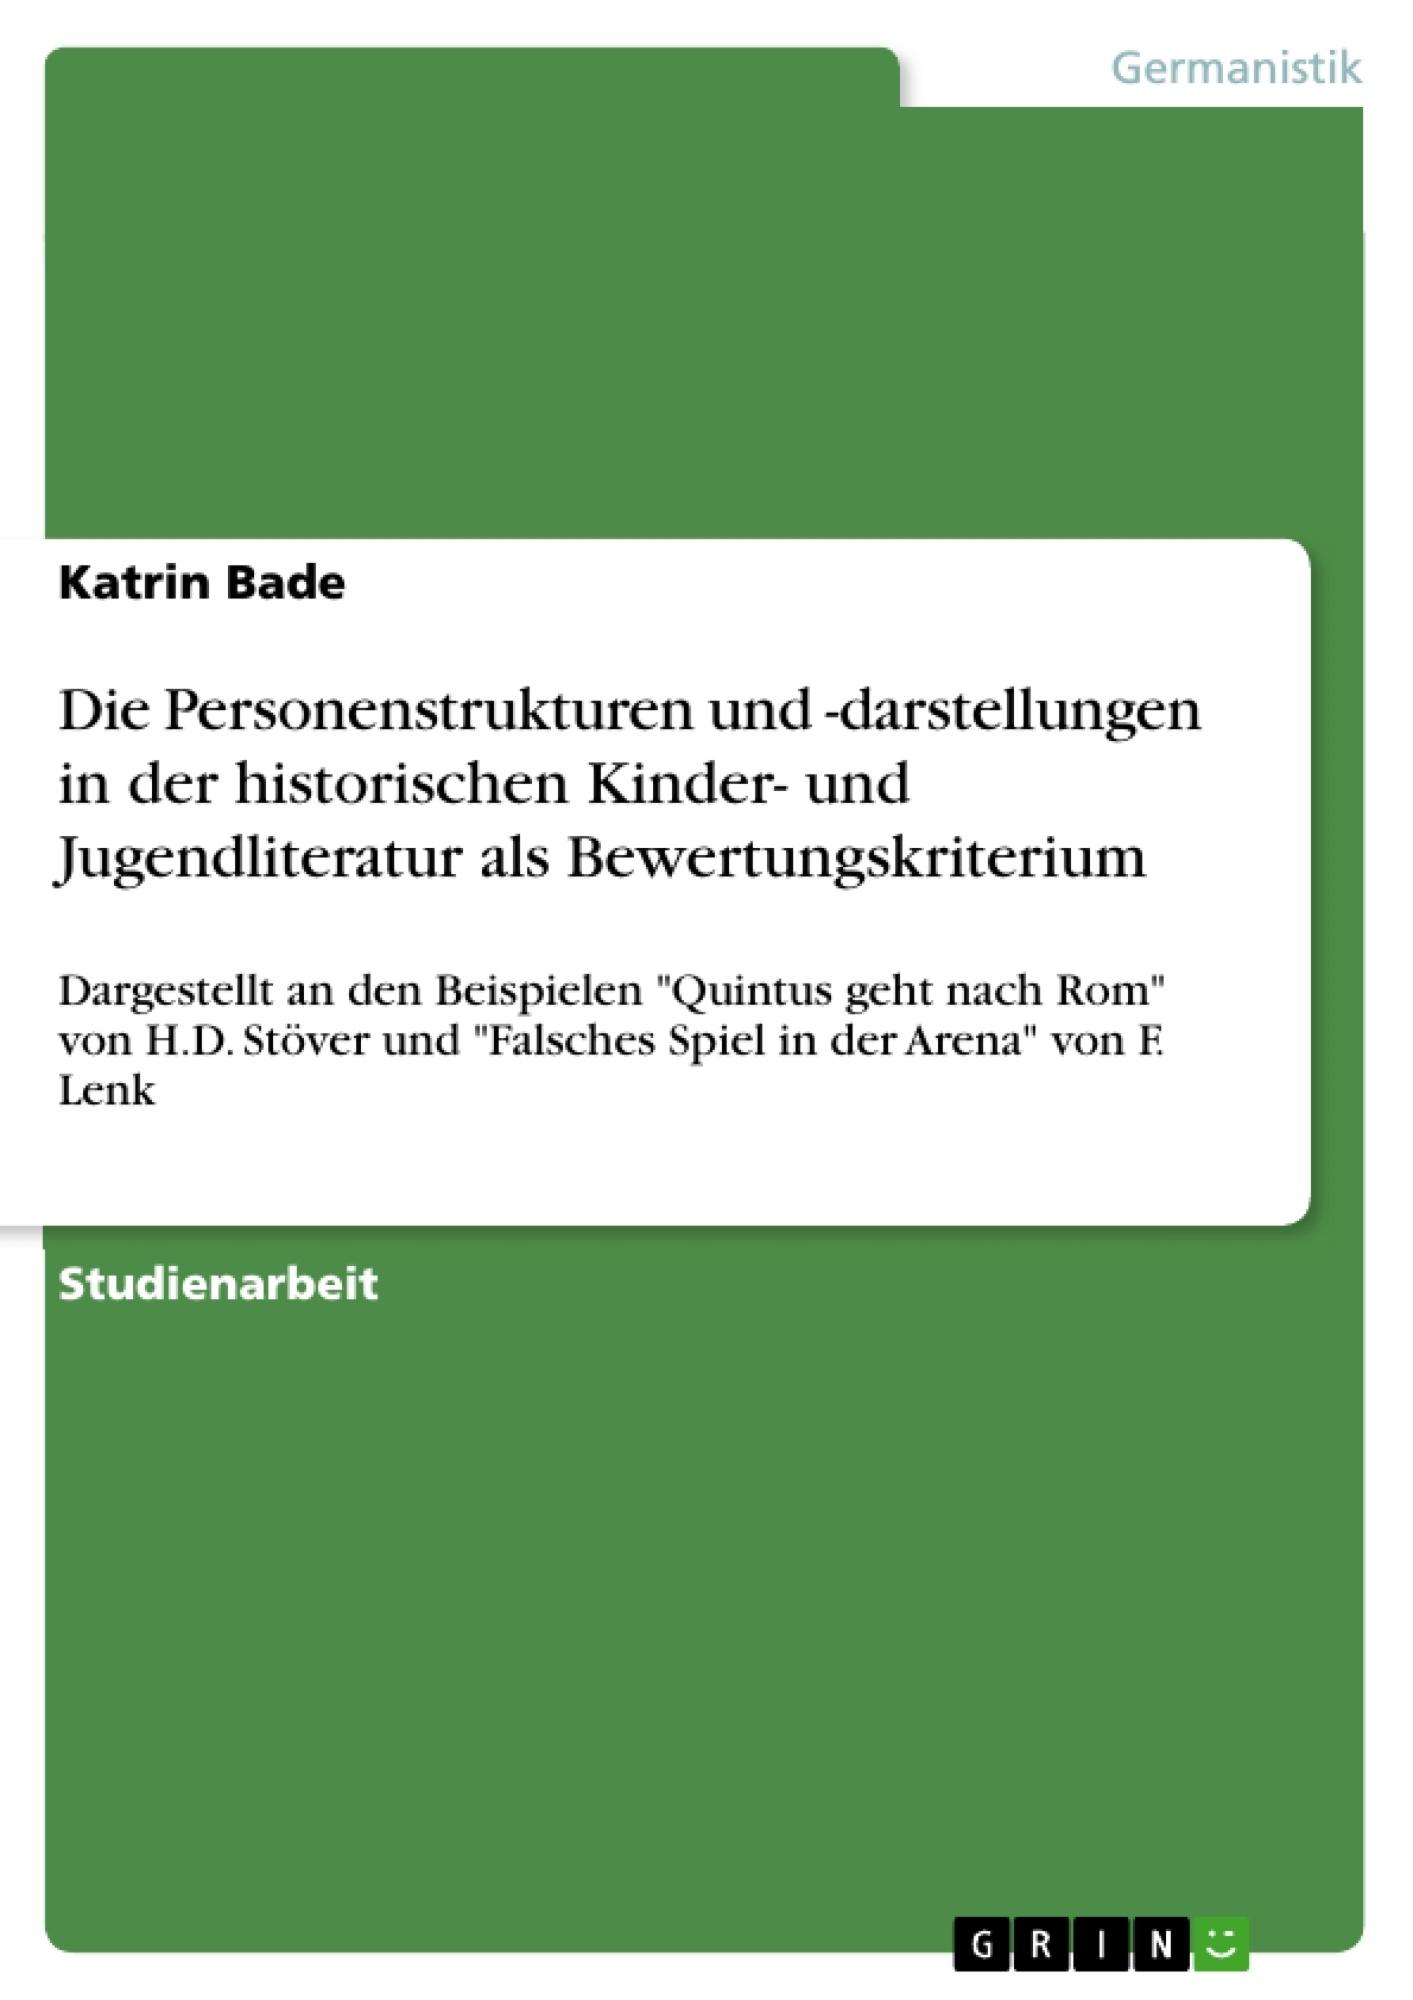 Titel: Die Personenstrukturen und -darstellungen in der historischen Kinder- und Jugendliteratur als Bewertungskriterium